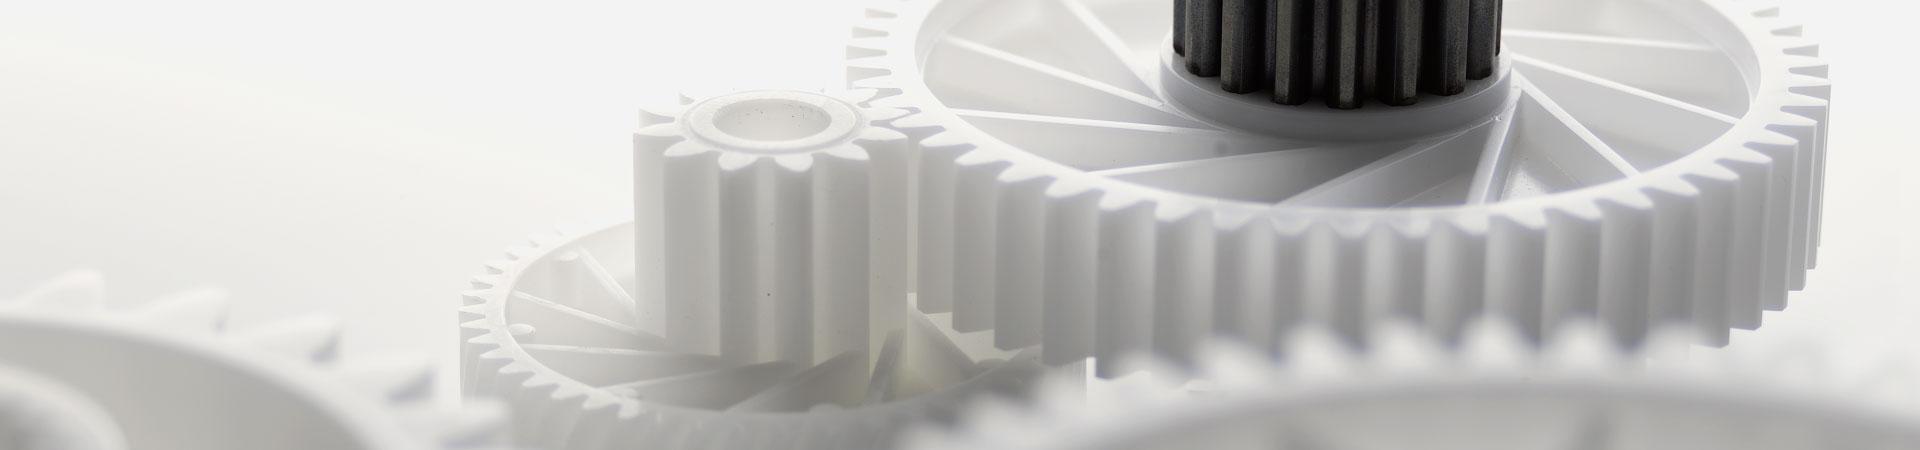 Kunststoff-Spritzgießtechnik